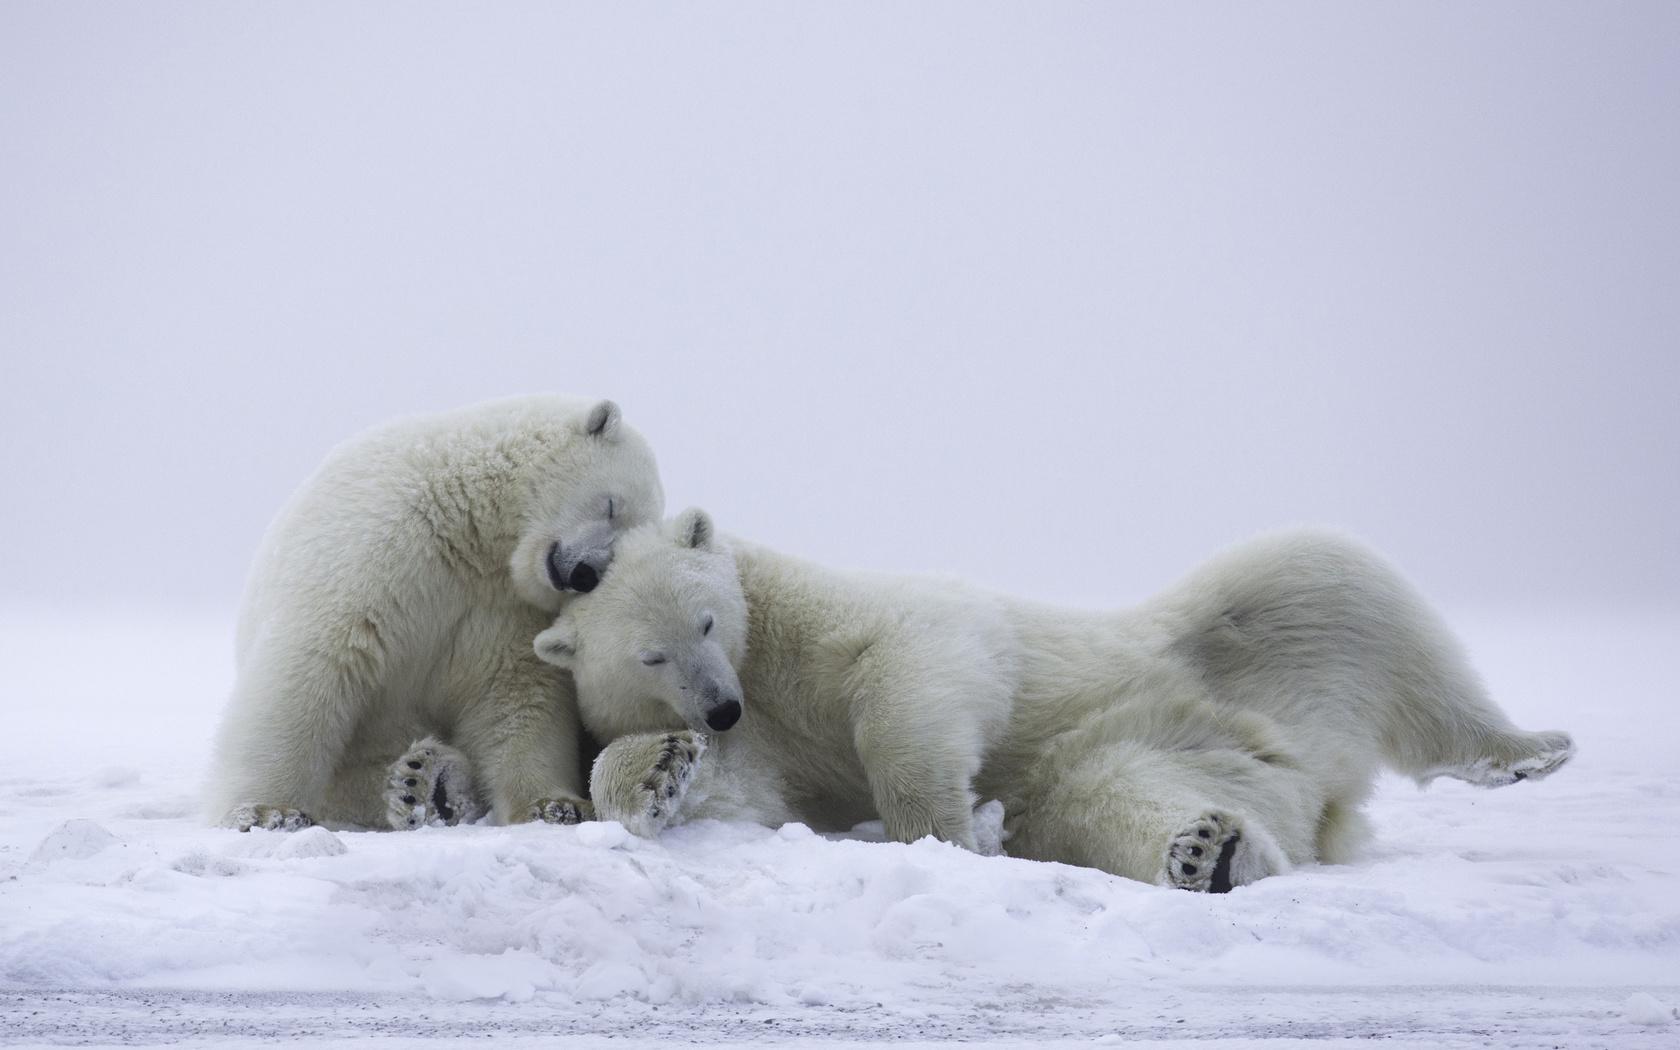 Картинка с белым медведем и медвежонком, свадьбы